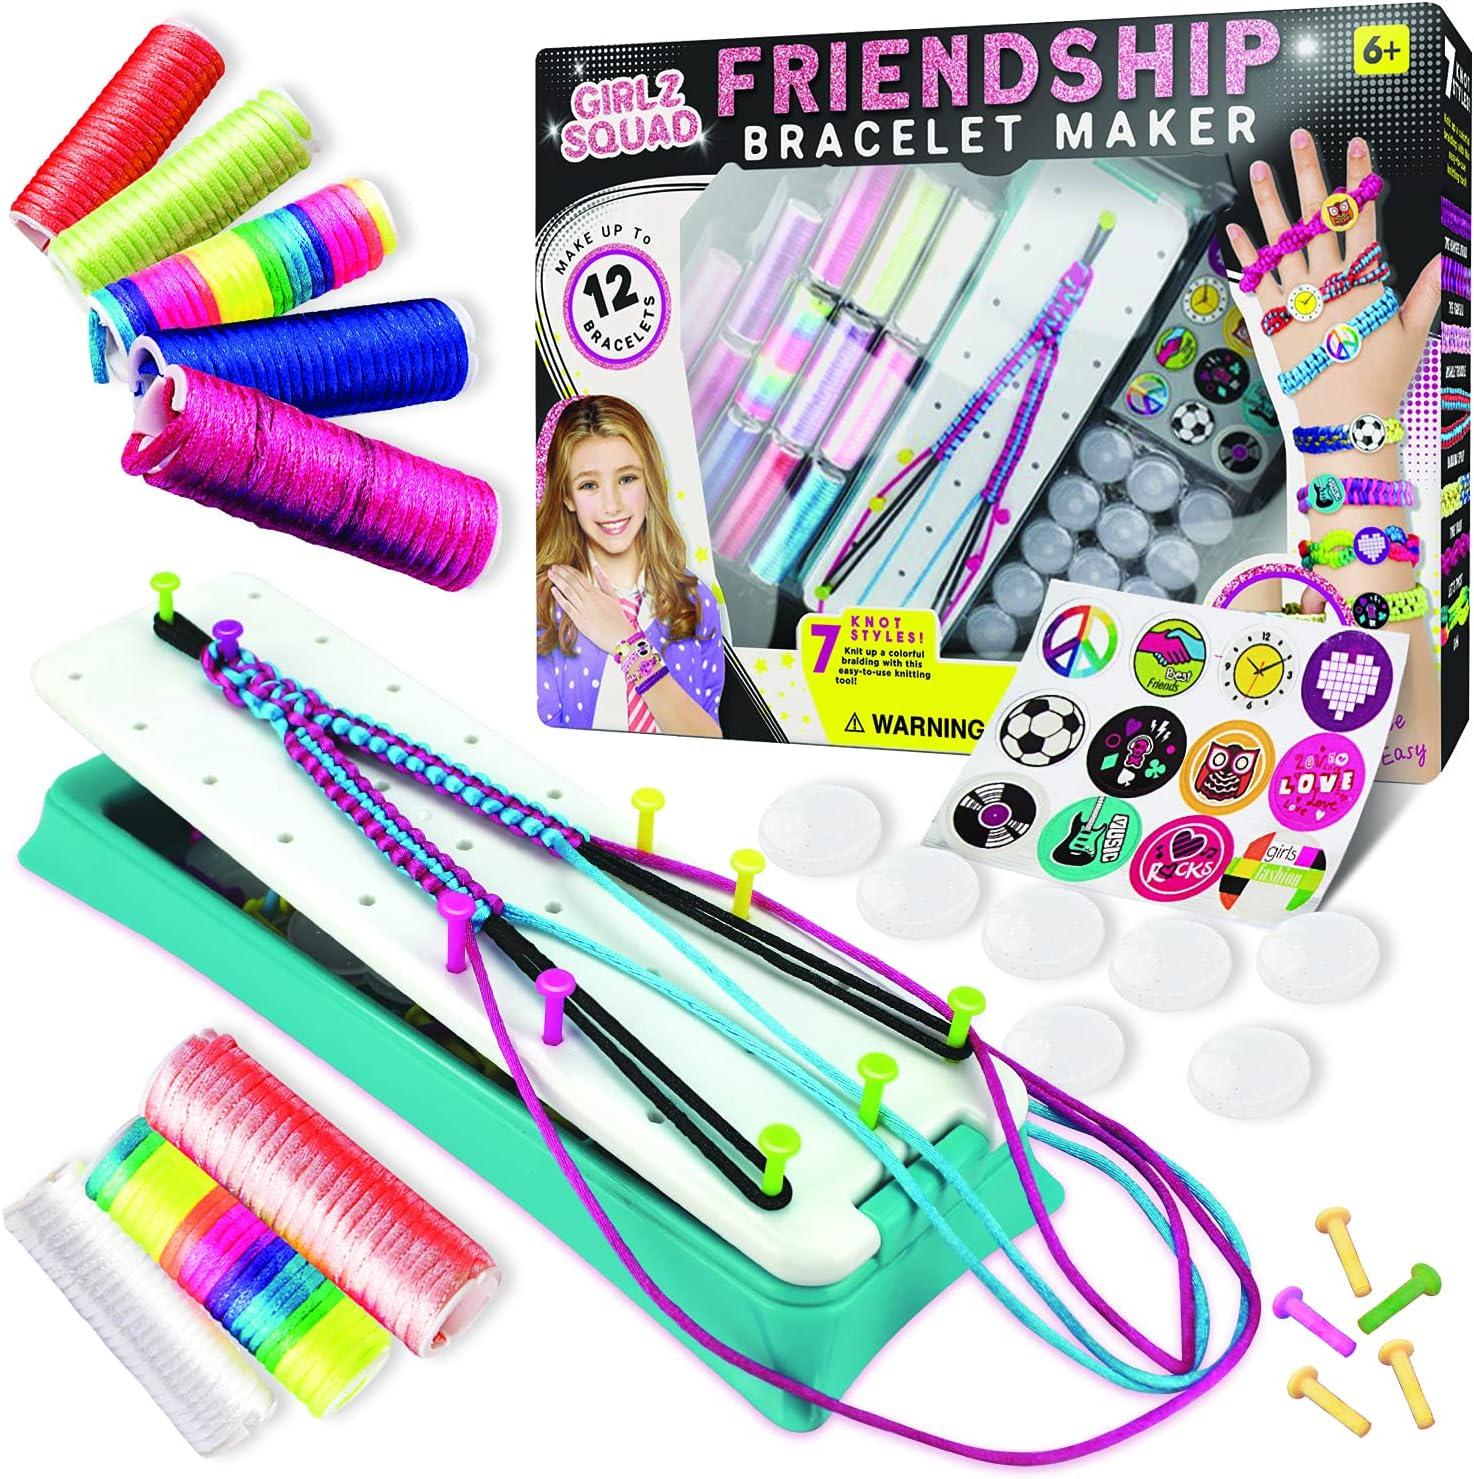 Girlz Philadelphia Mall Squad Friendship Bracelet Albuquerque Mall Making Kit and Boys - Girls for